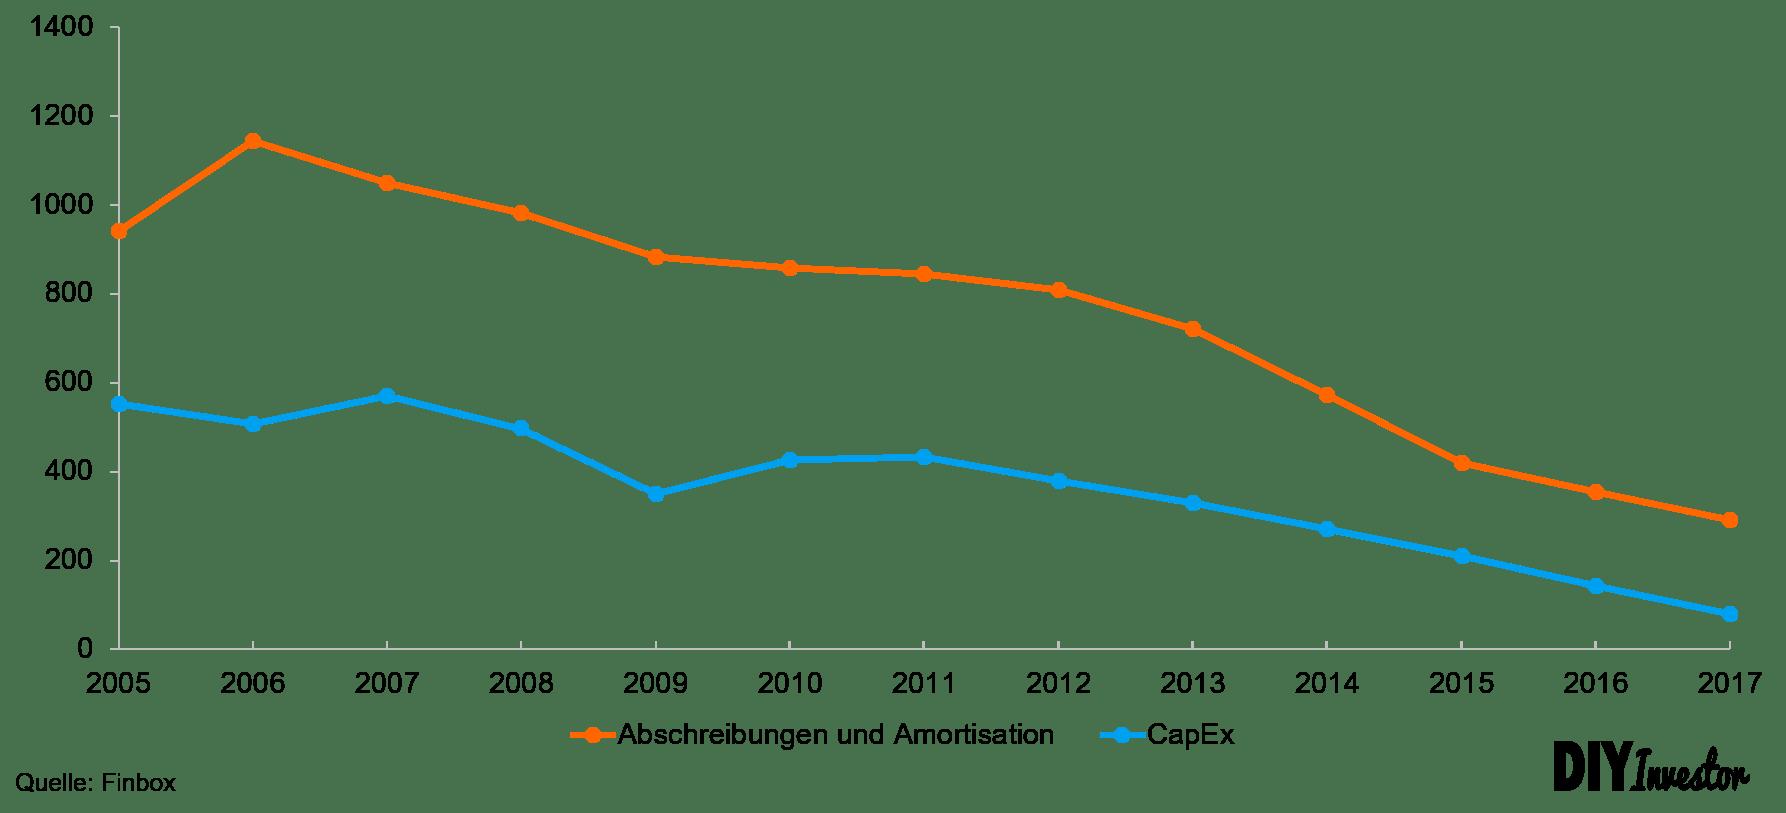 Sears - Investitionen versus Abschreibungen